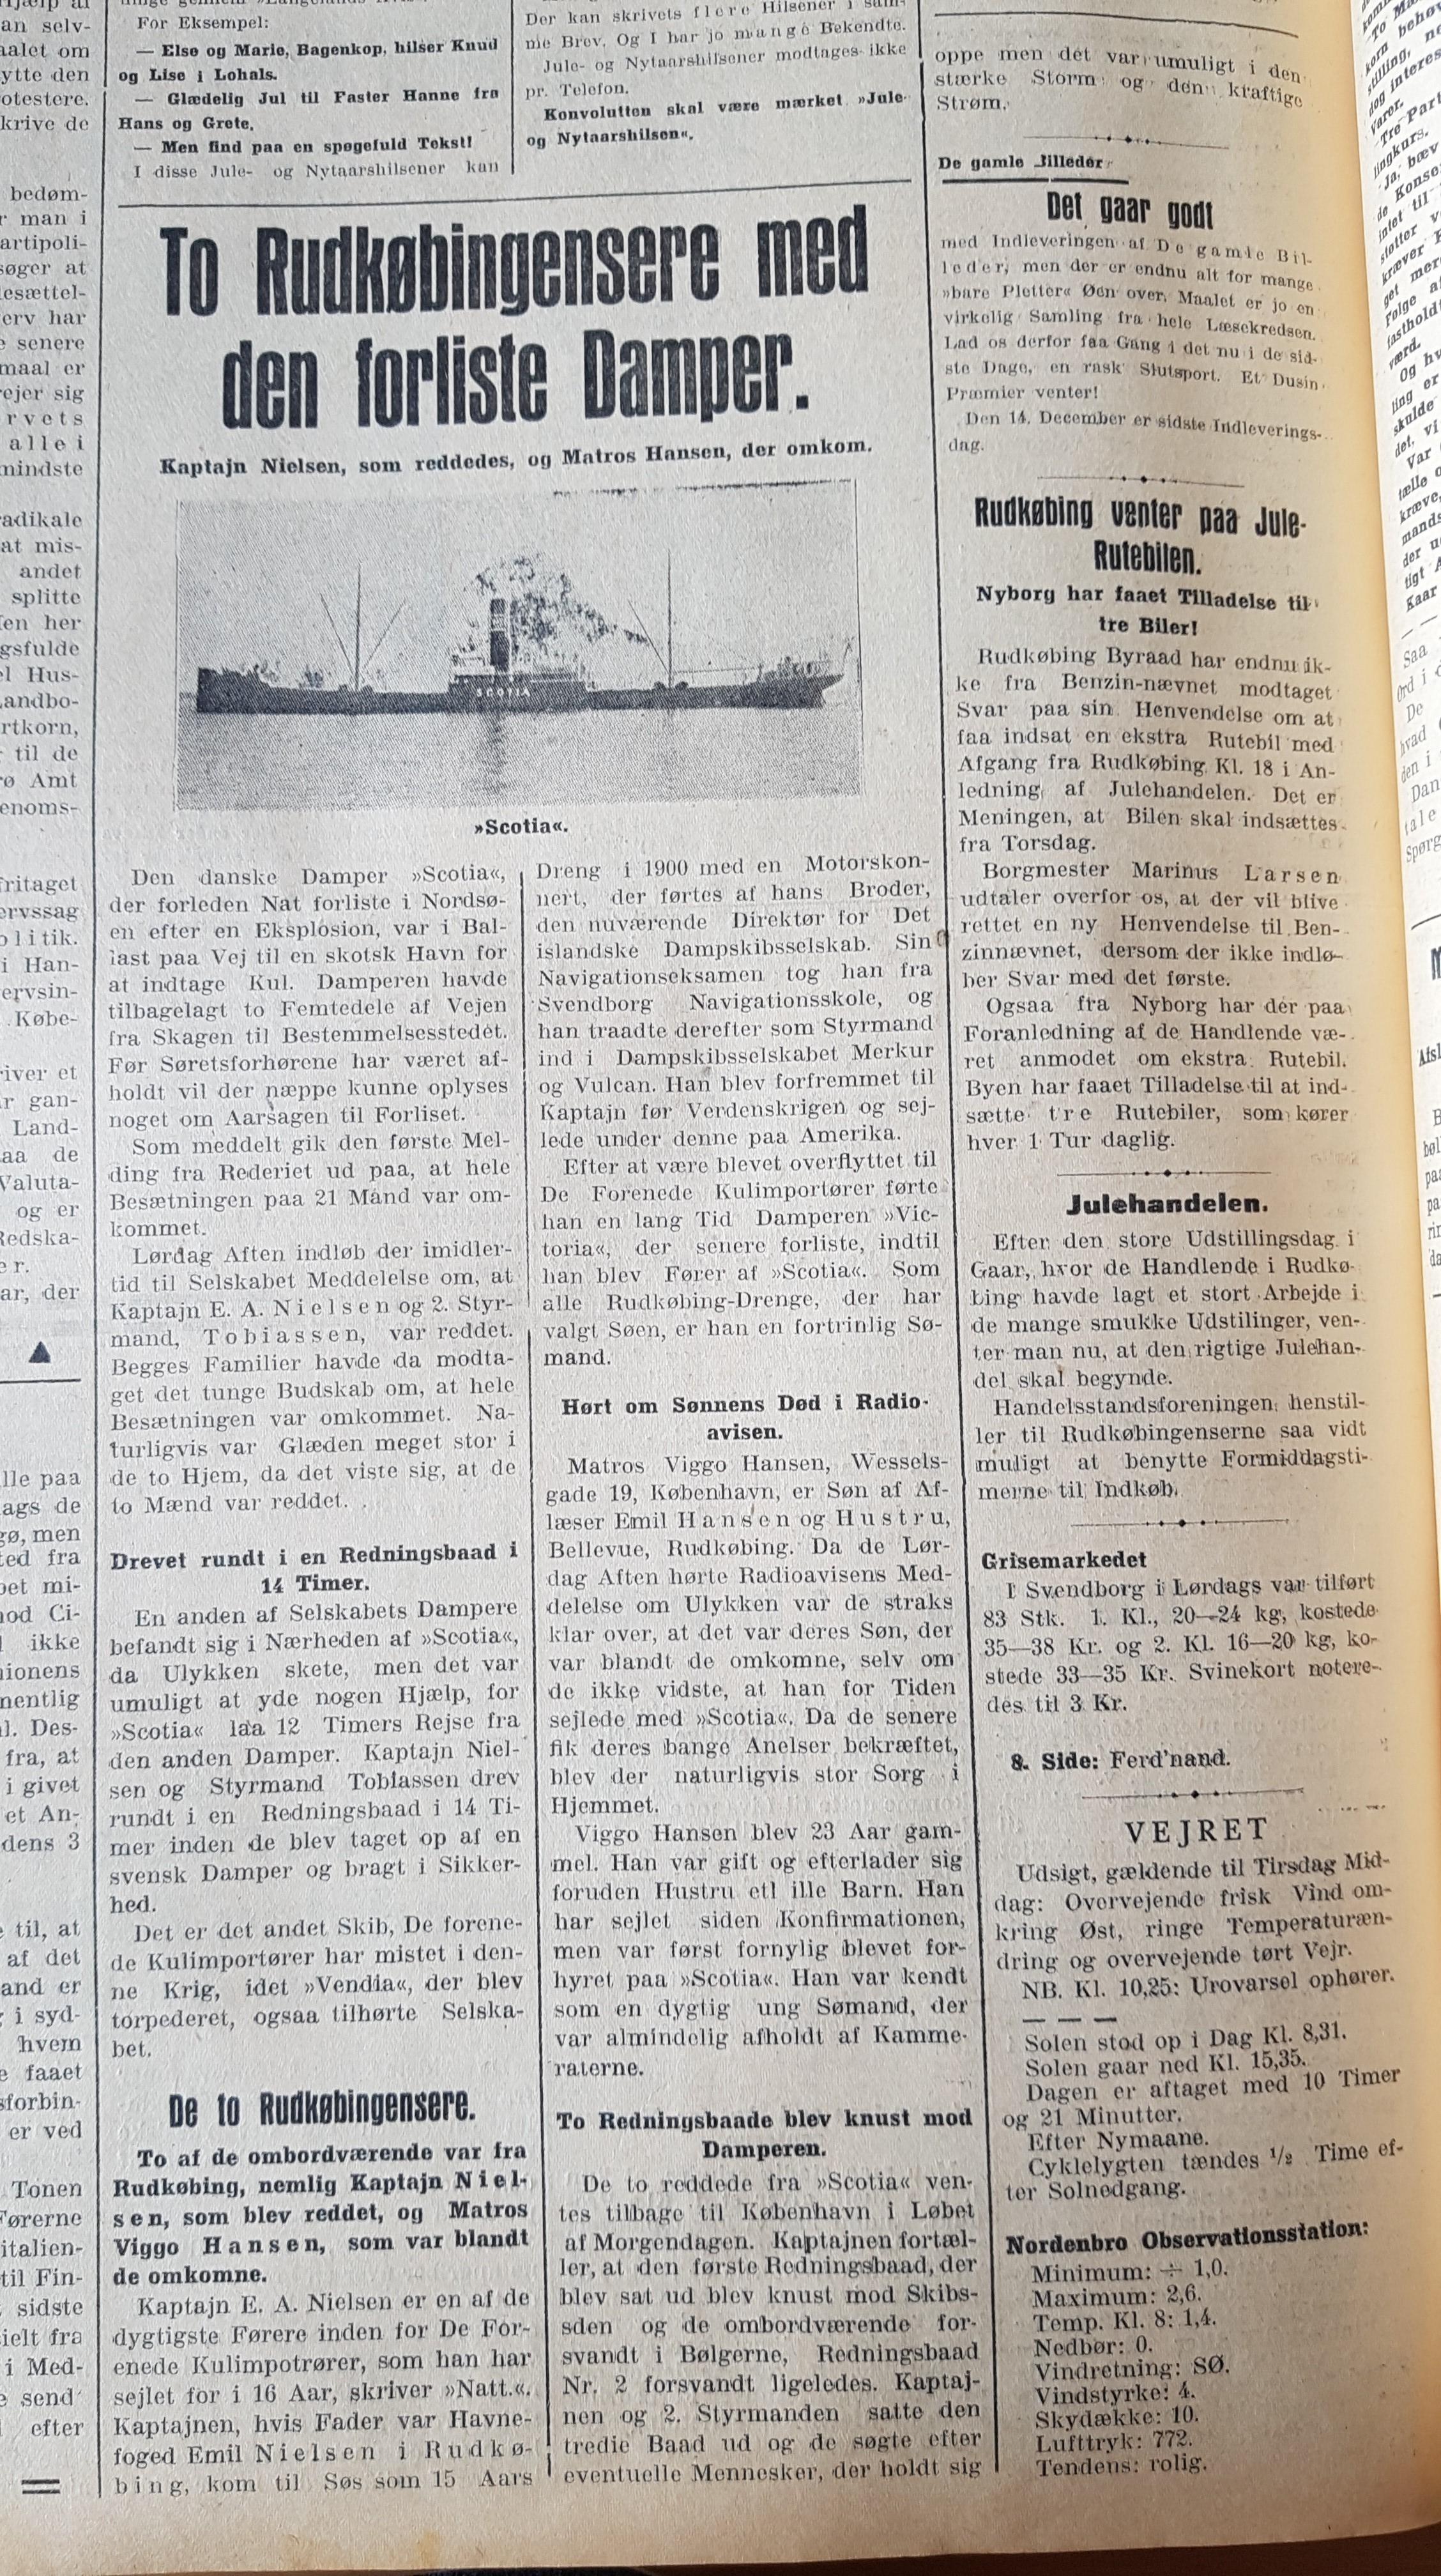 Langelands Avis - To rudkøbingensere